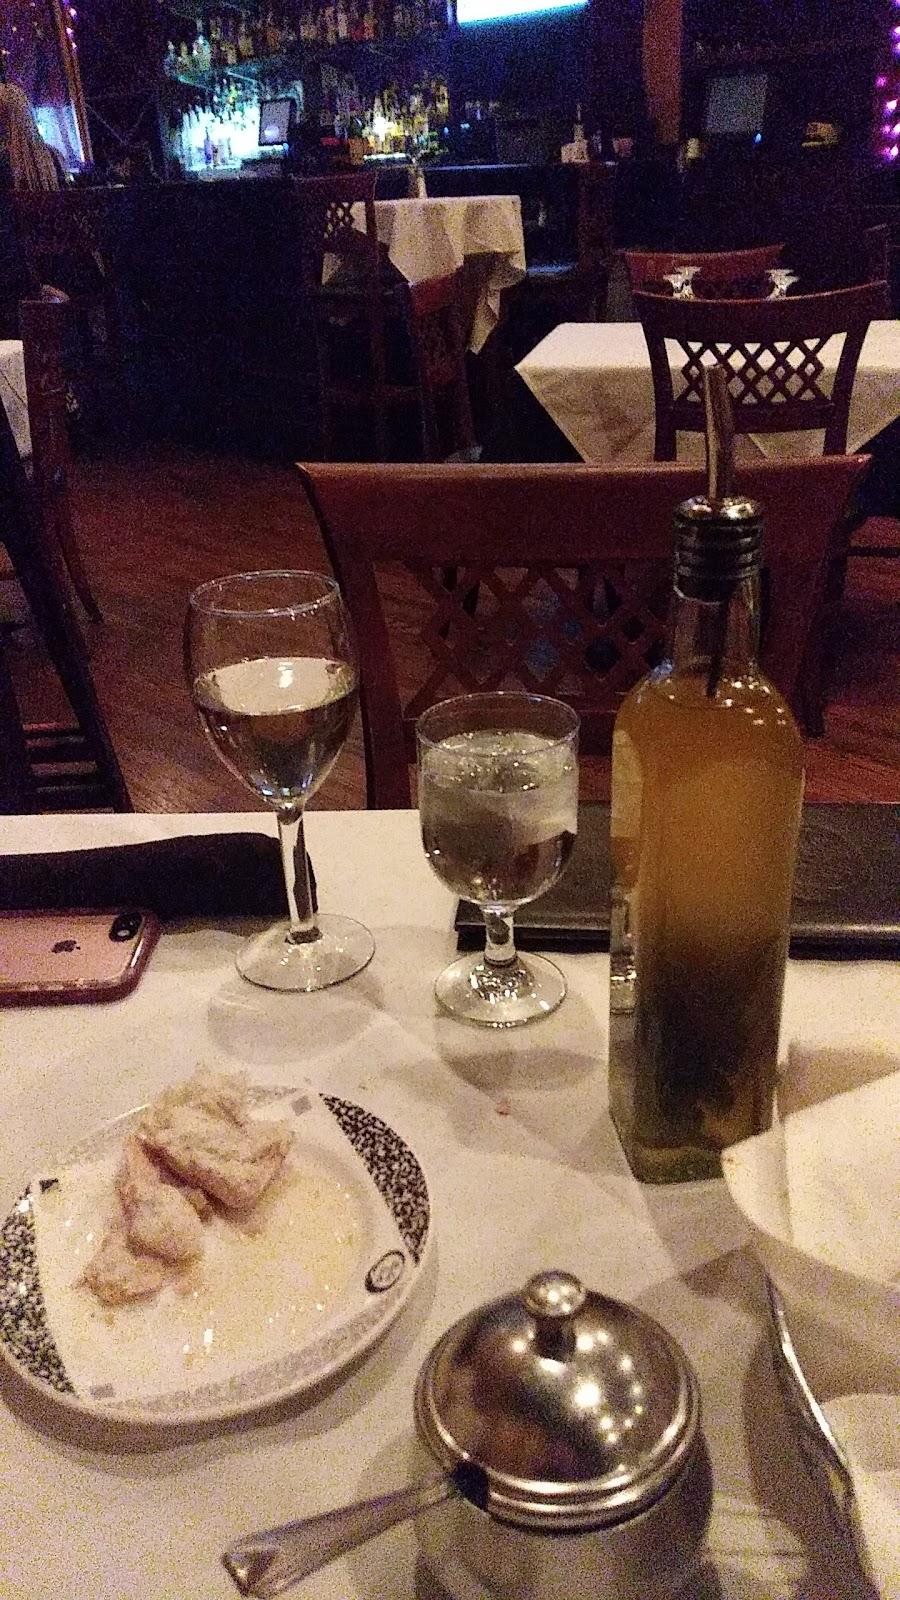 Bella Notte Ristorante | restaurant | 1374 W Grand Ave, Chicago, IL 60622, USA | 3127335136 OR +1 312-733-5136